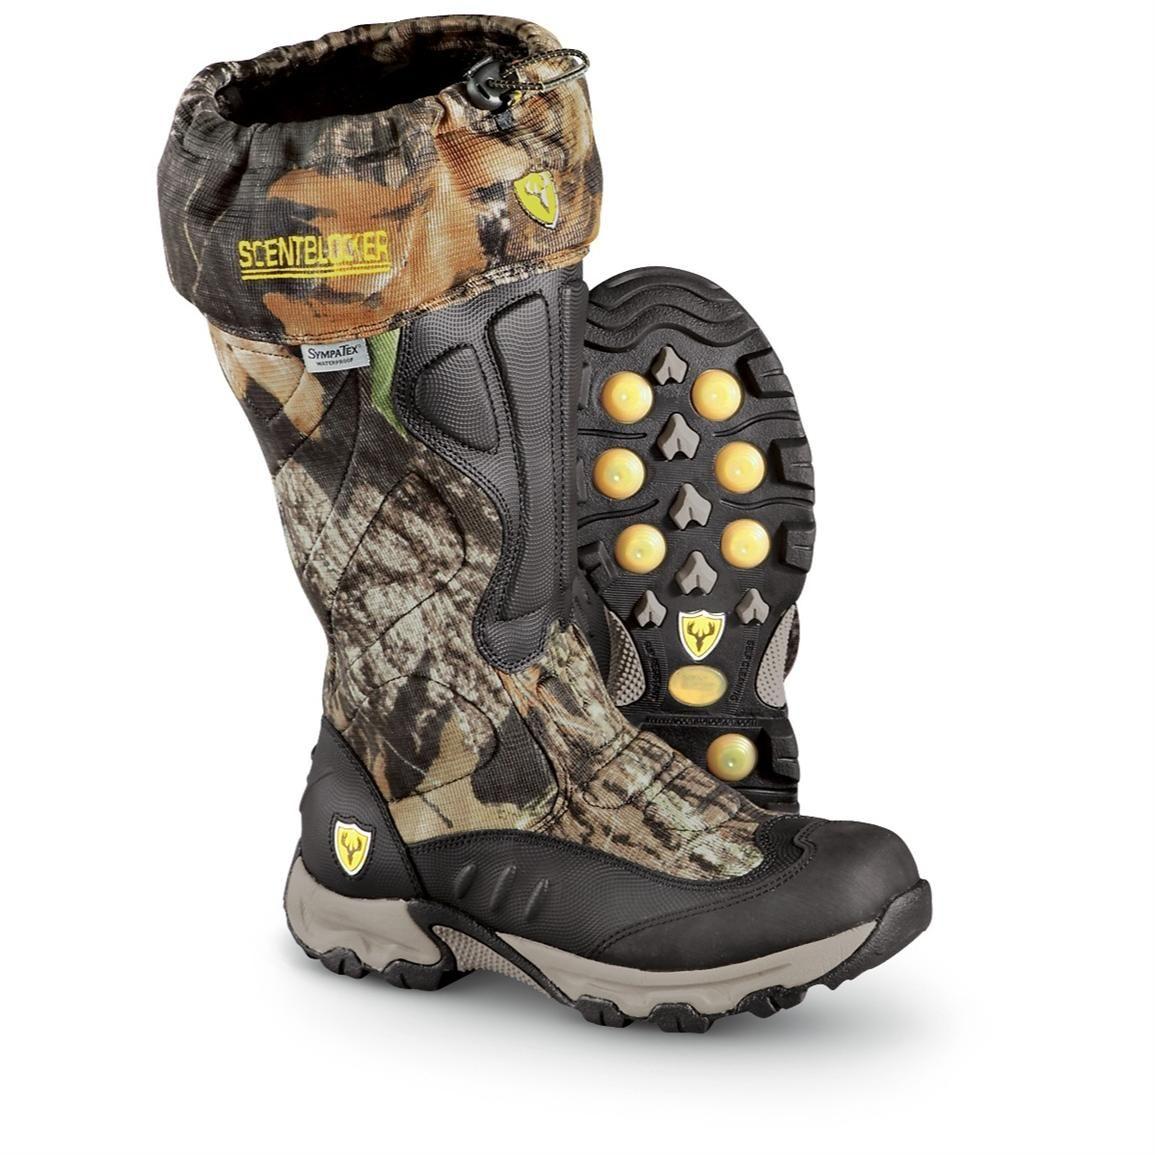 45fe625fec8 Scentblocker Dream Season Waterproof Knee Boots, Mossy Oak Break ...